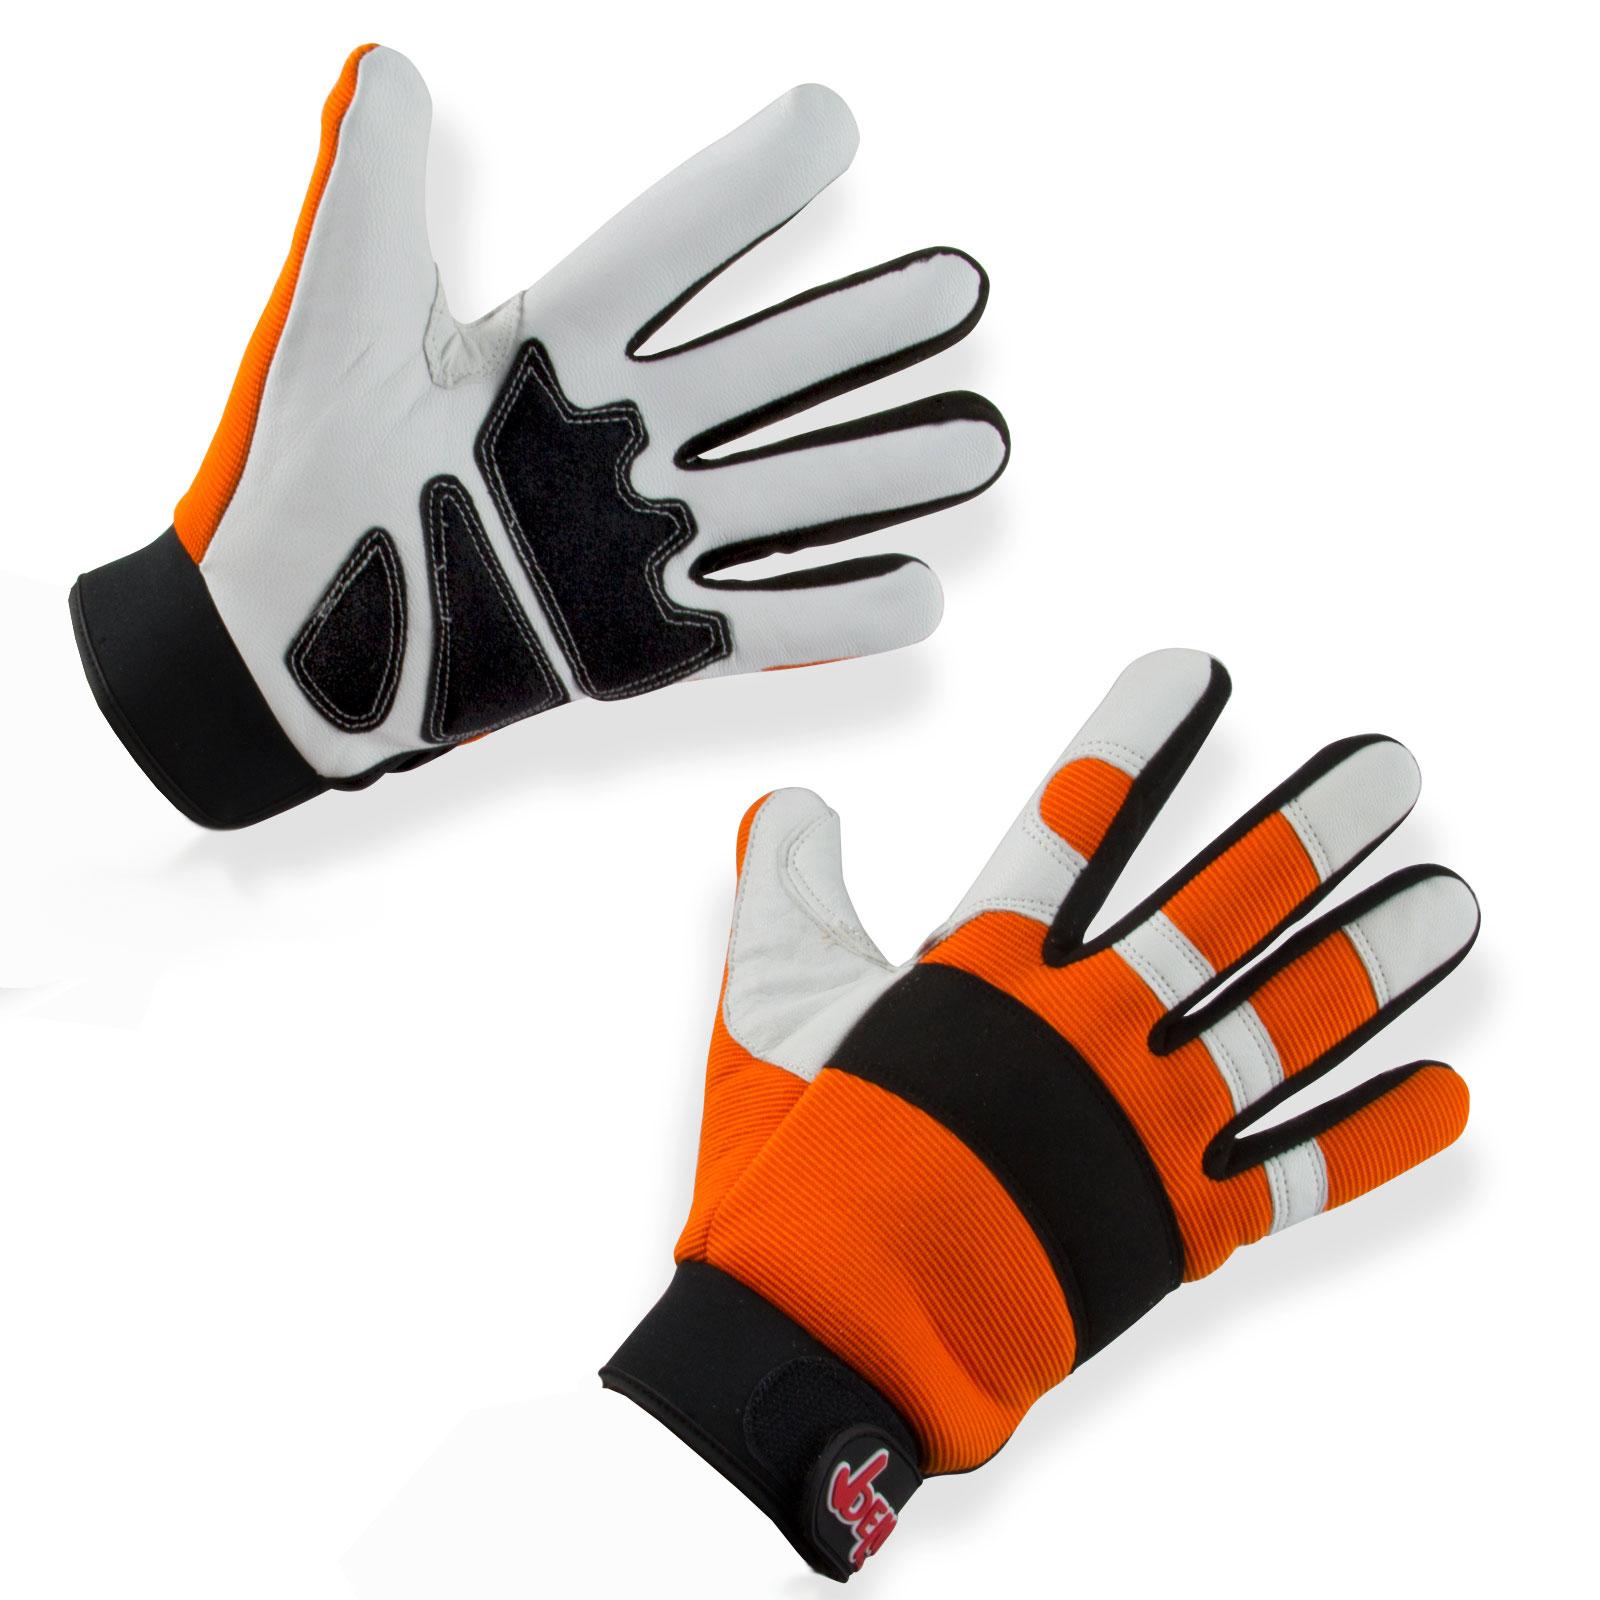 Marken Forst Schnittschutz-Handschuhe Gr. 9-12 Class1 DIN EN 381, Schnitthandschuhe, Schutzhandschuhe Motorsäge Kettensäge, PSA Forst, Schnittschutzhandschuhe, 30242, 30243, 30244, 30245